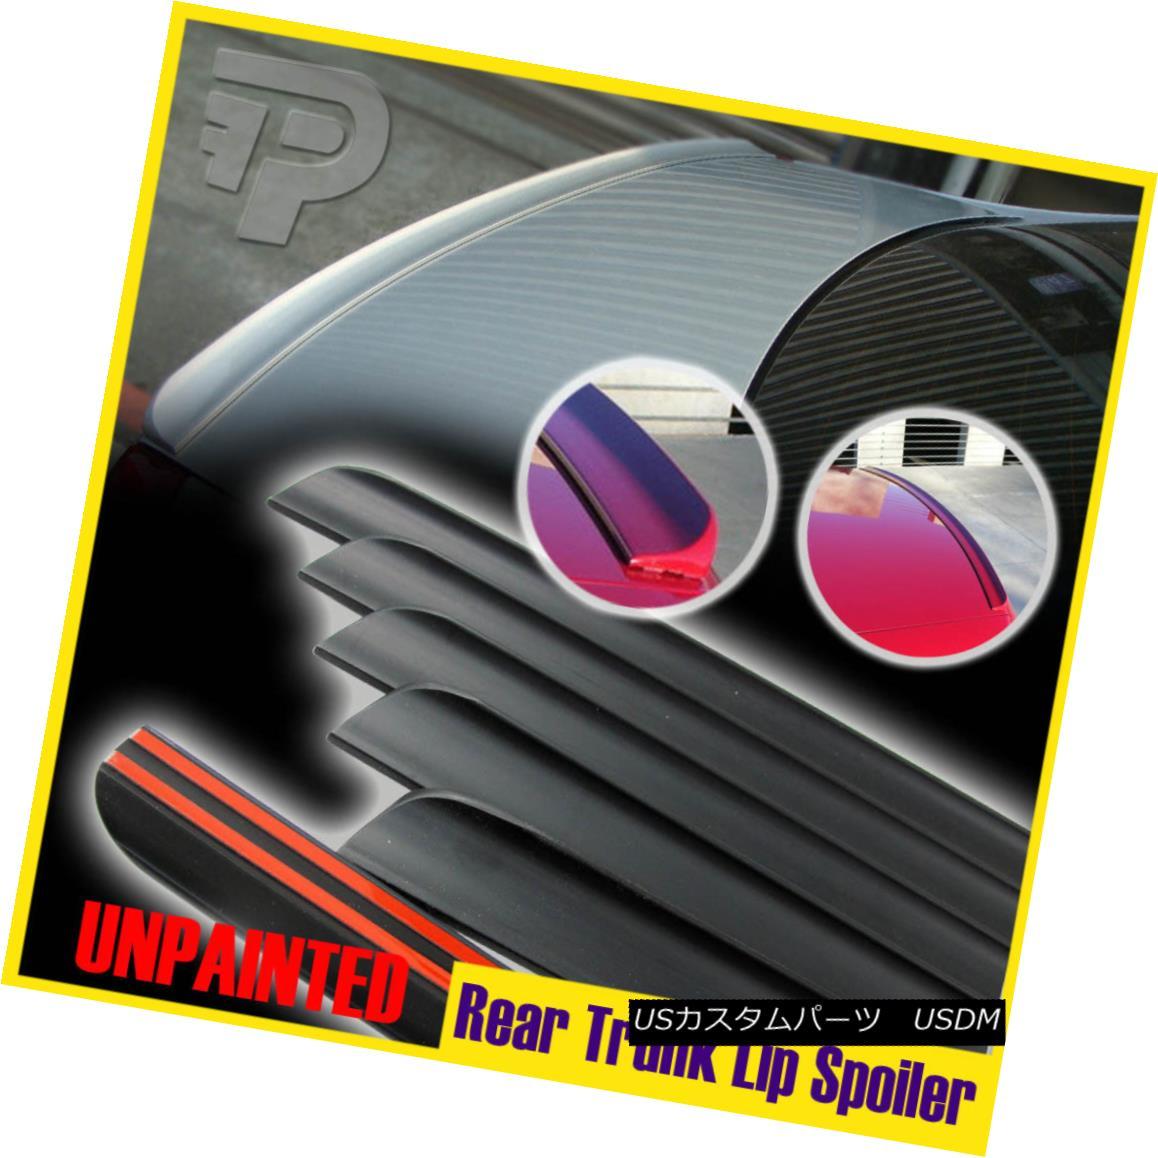 エアロパーツ For Volvo S40 T5 Sedan Rear Trunk Lip Spoiler Wing PUF Unpaint 08-12 Facelift ボルボS40 T5セダンリアトランクリップスポイラーウイングPUFアンペイント08-12フェイスリフト